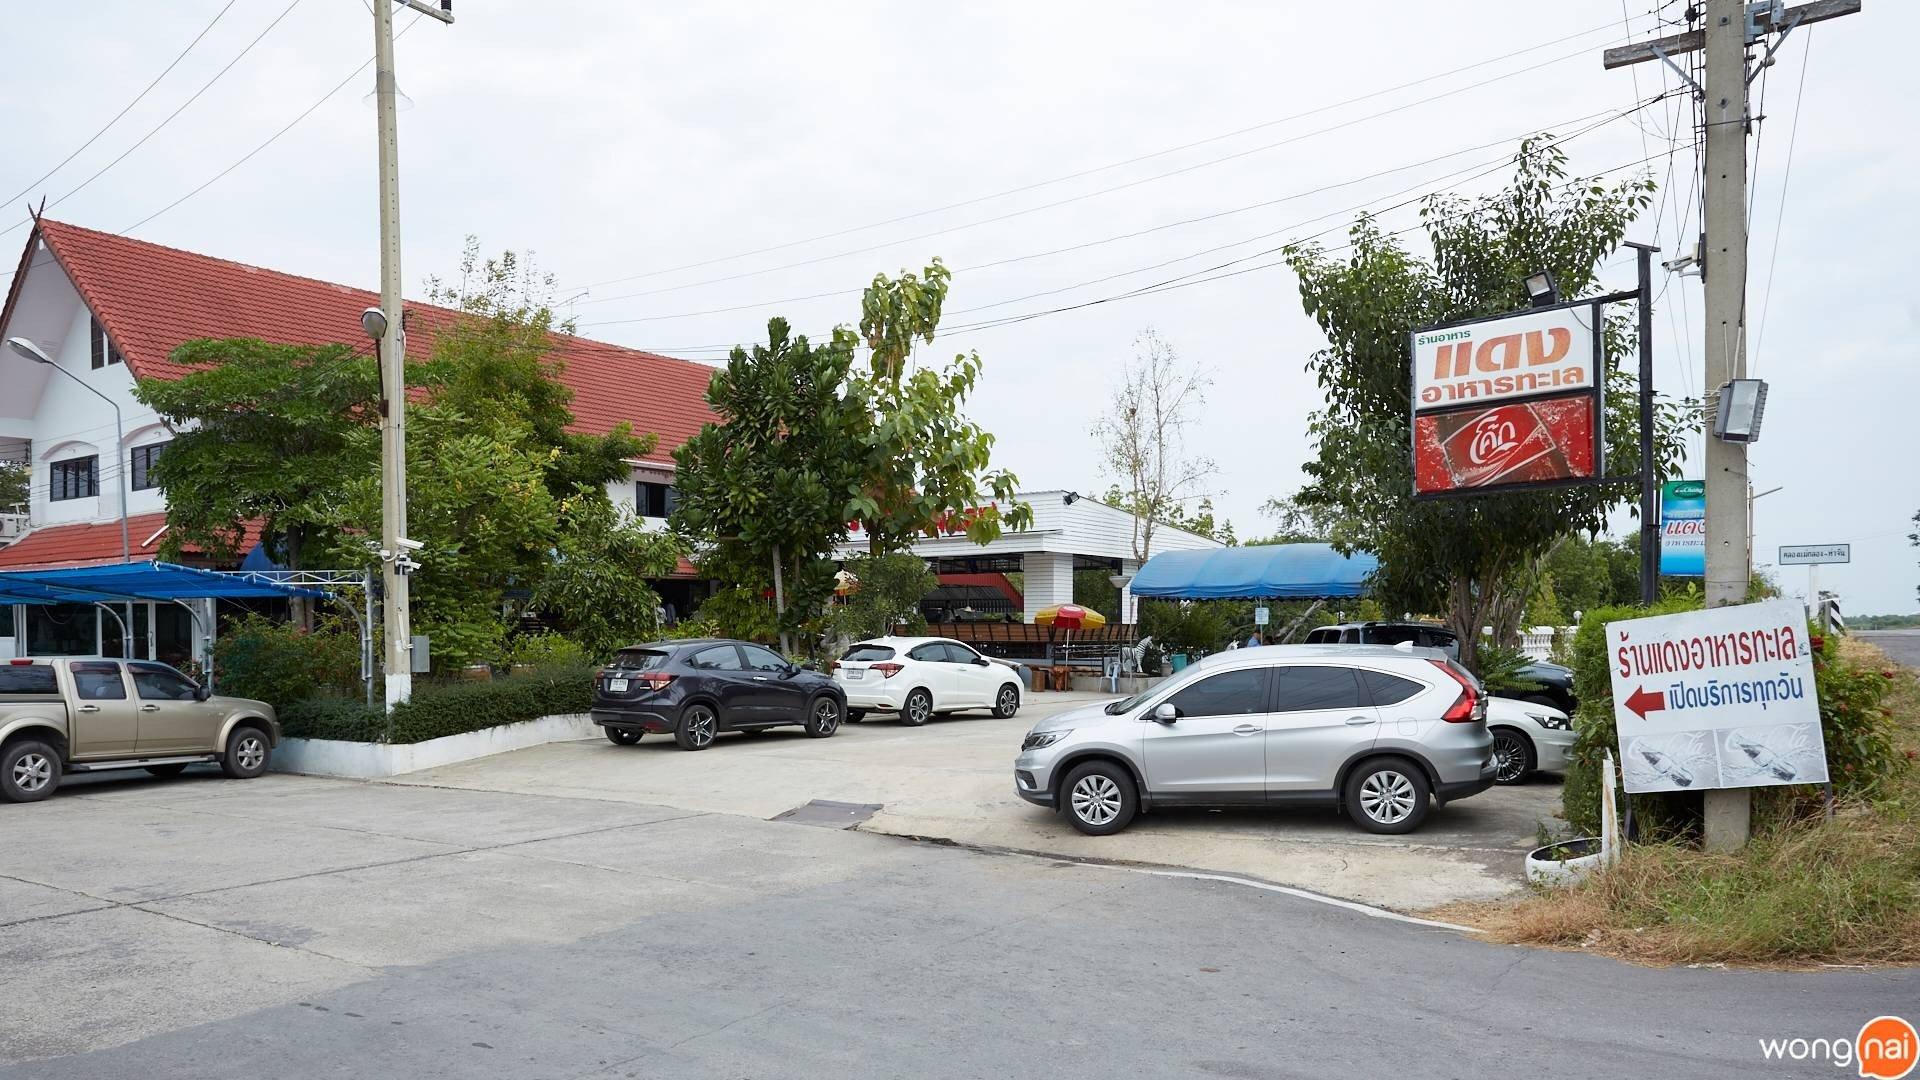 หน้าร้าน แดงอาหารทะเล (ร้านต้นตำรับ)